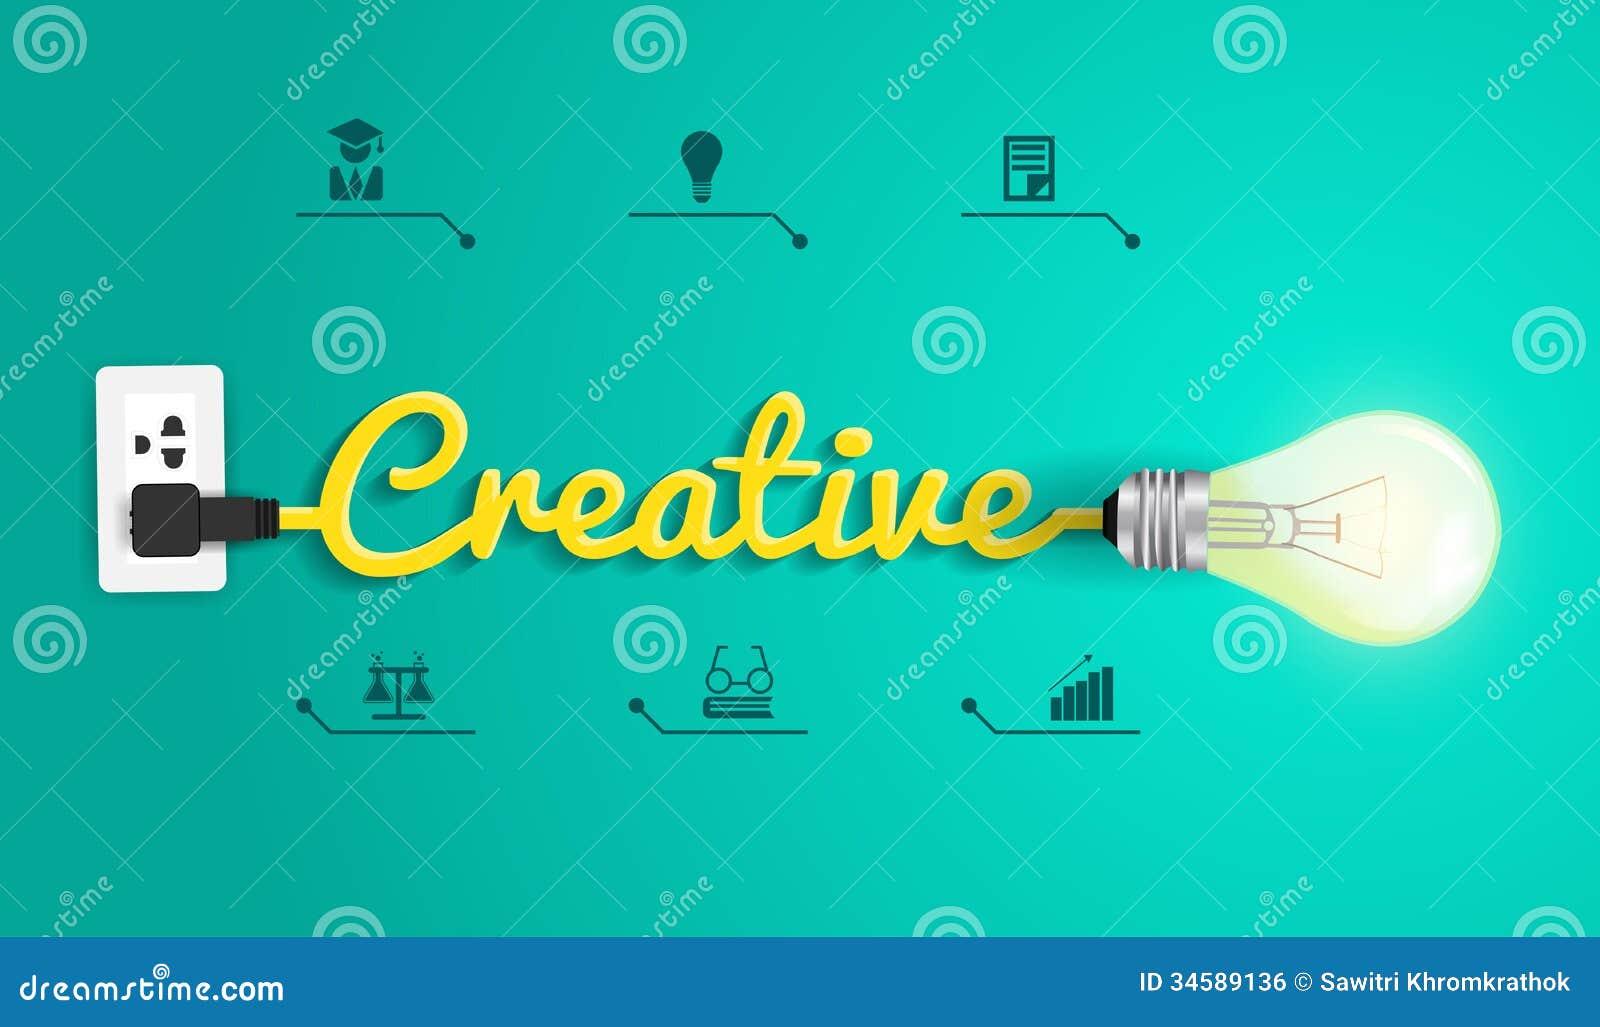 Vector creative concept with light bulb idea